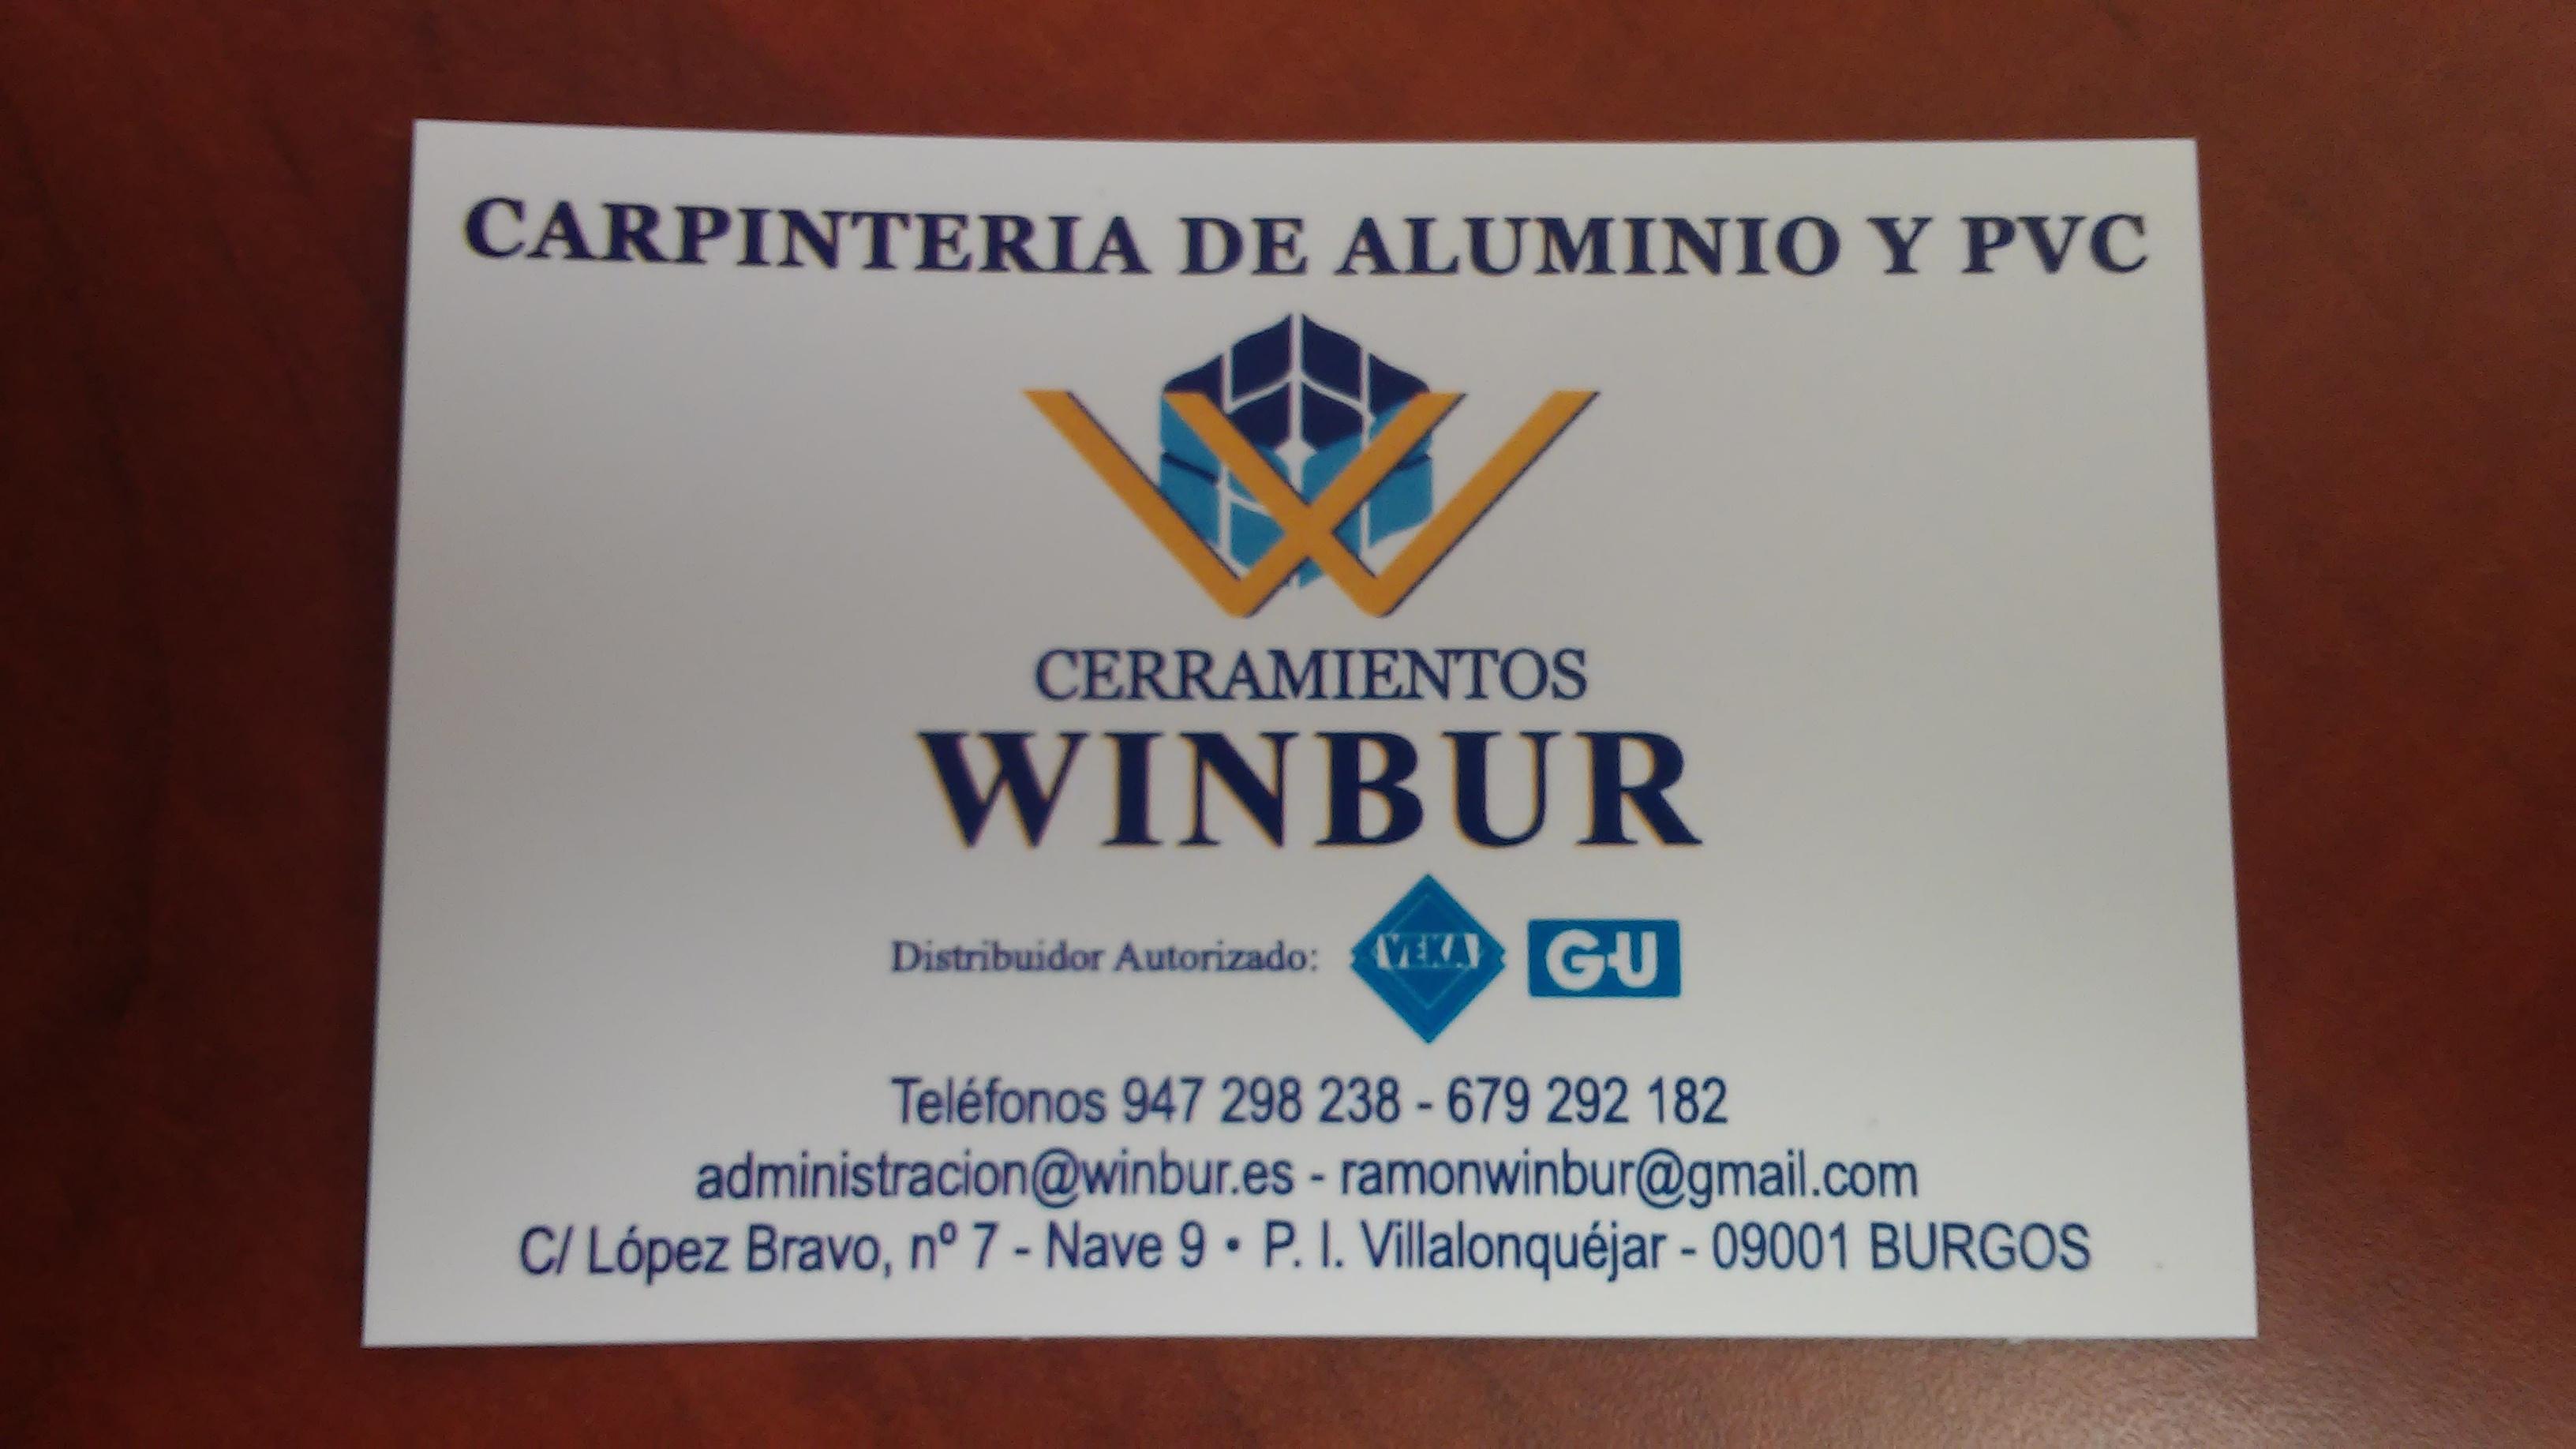 Winbur